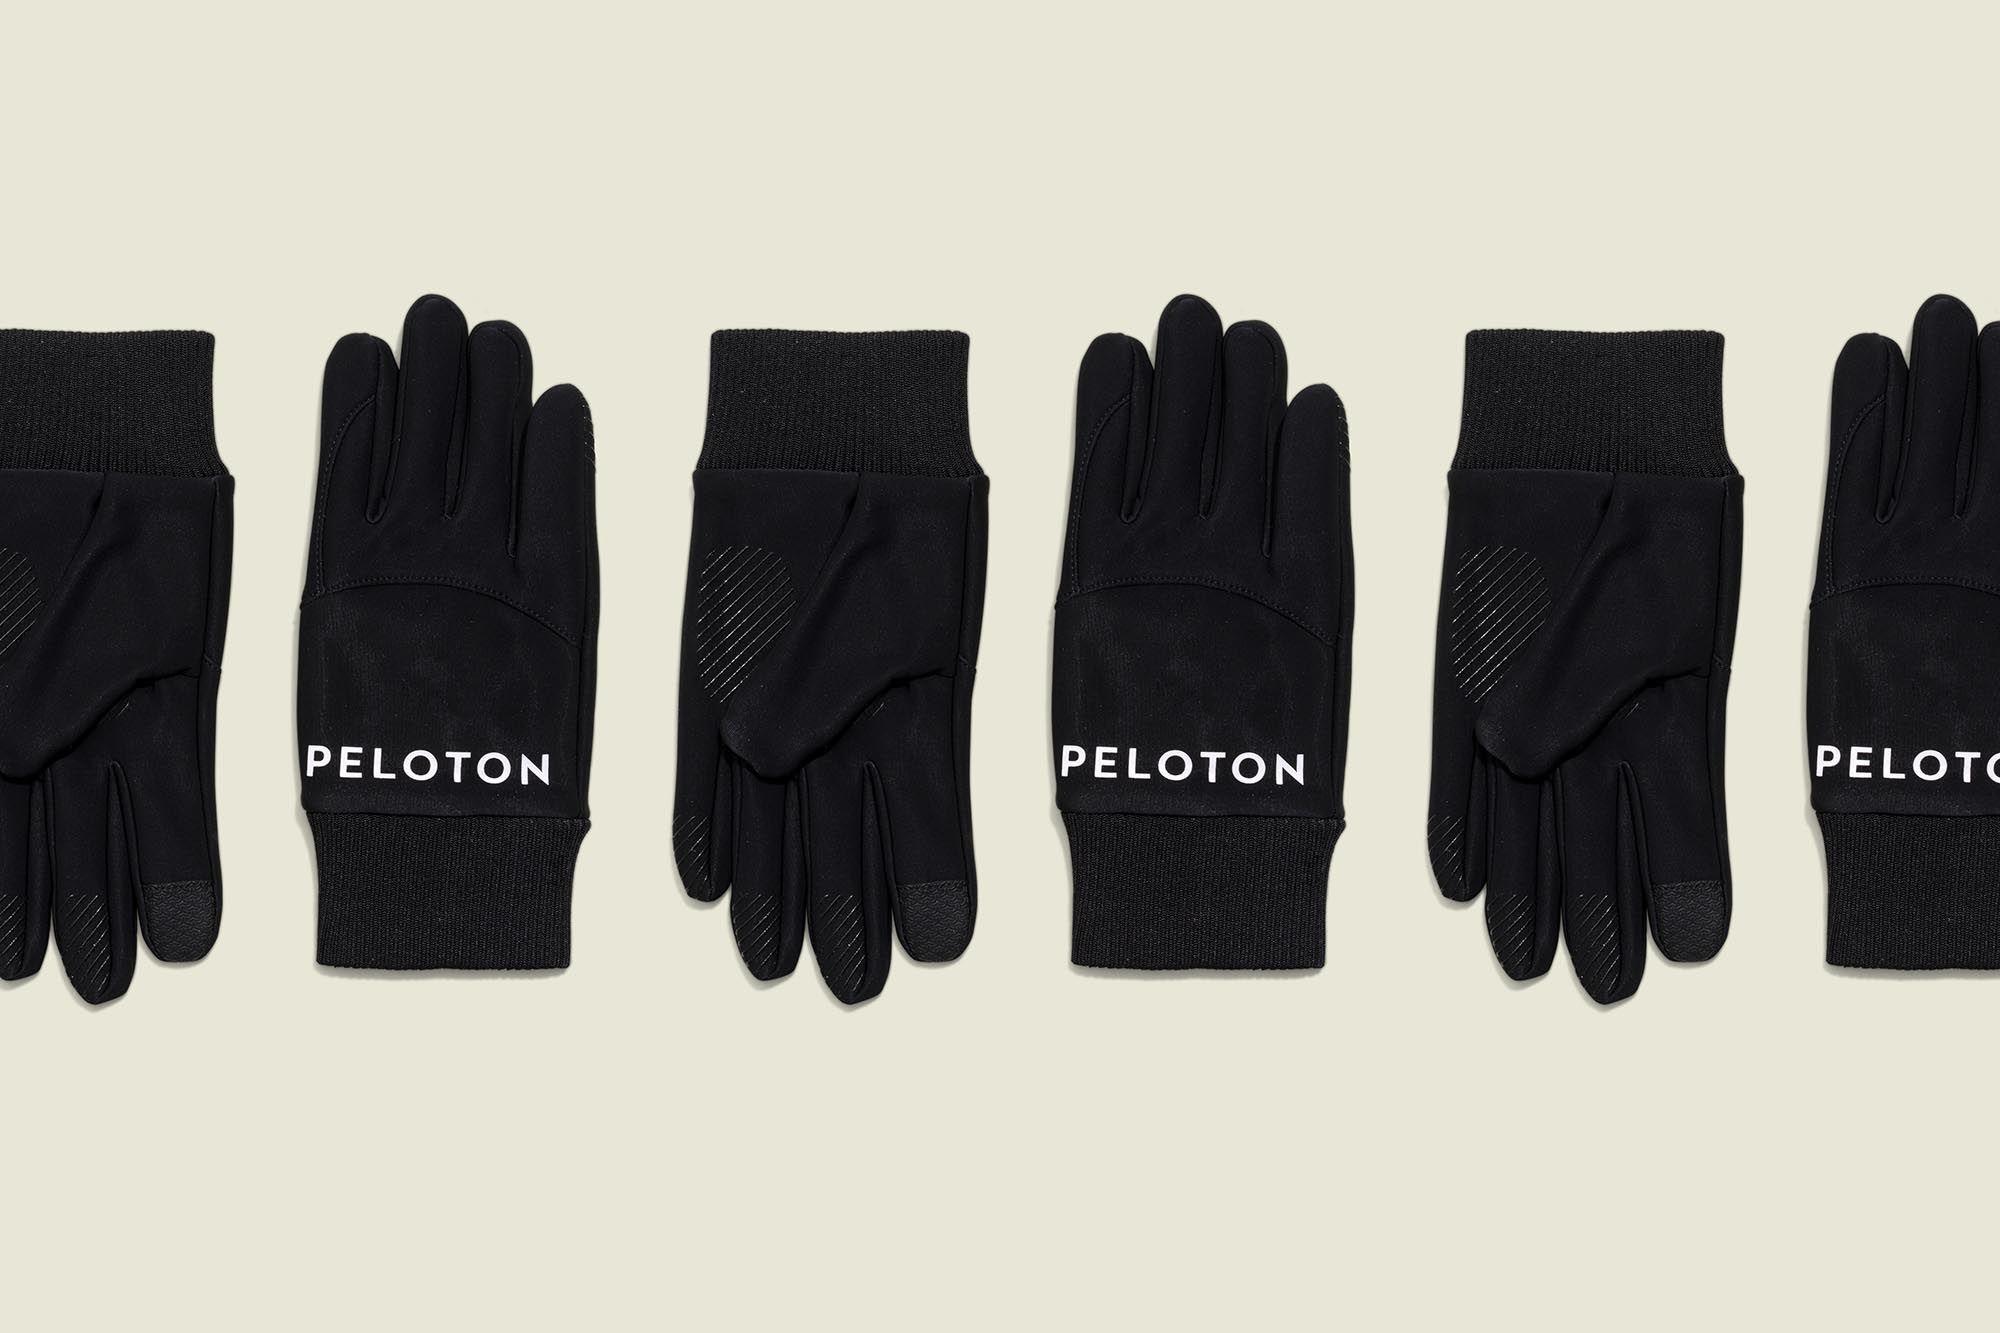 Set of gloves